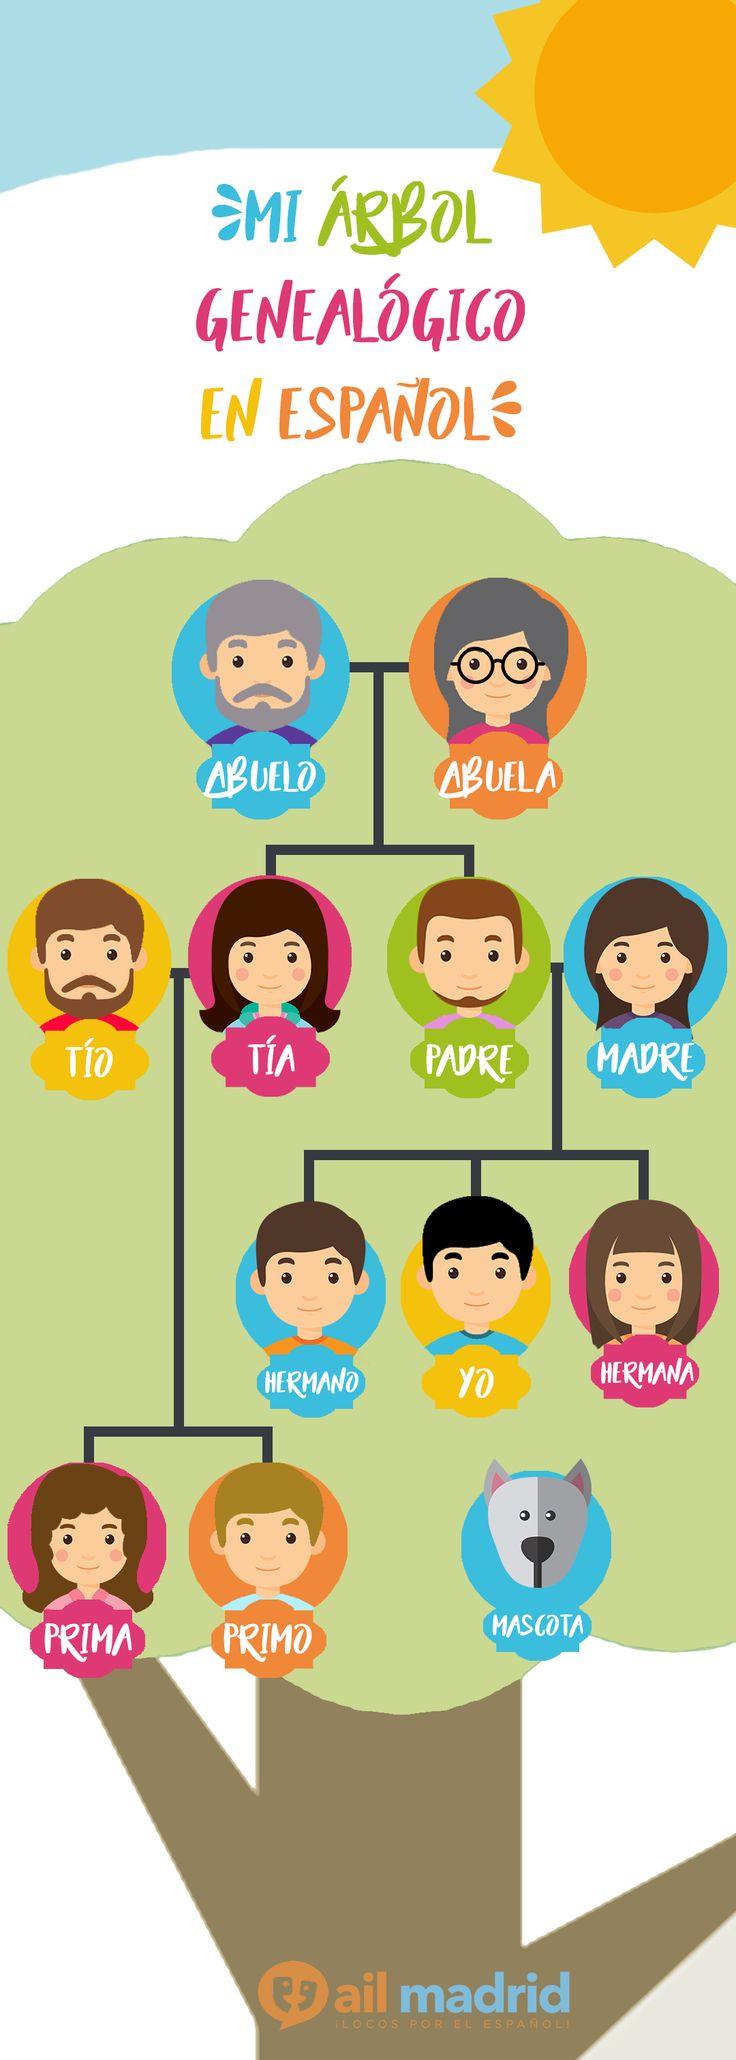 Here you have some #family #vocabulary to keep improving your #Spanish! // ¡Aquí tienes un poco de #vocabulario para seguir mejorando tu #español!